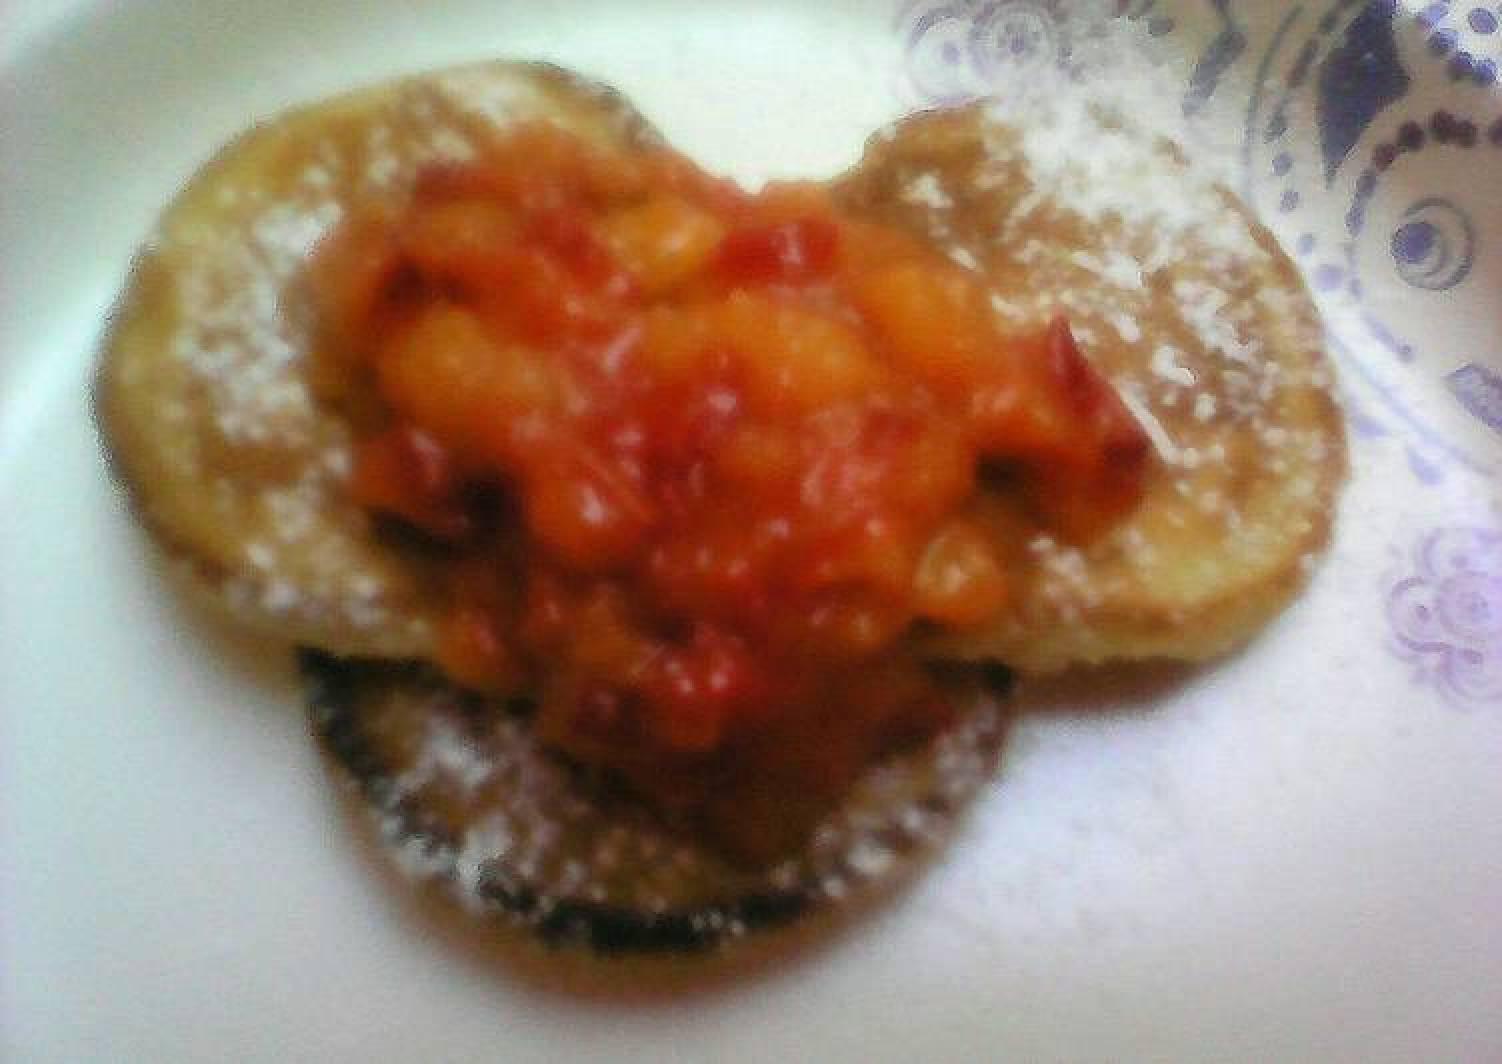 Peach pancake topping